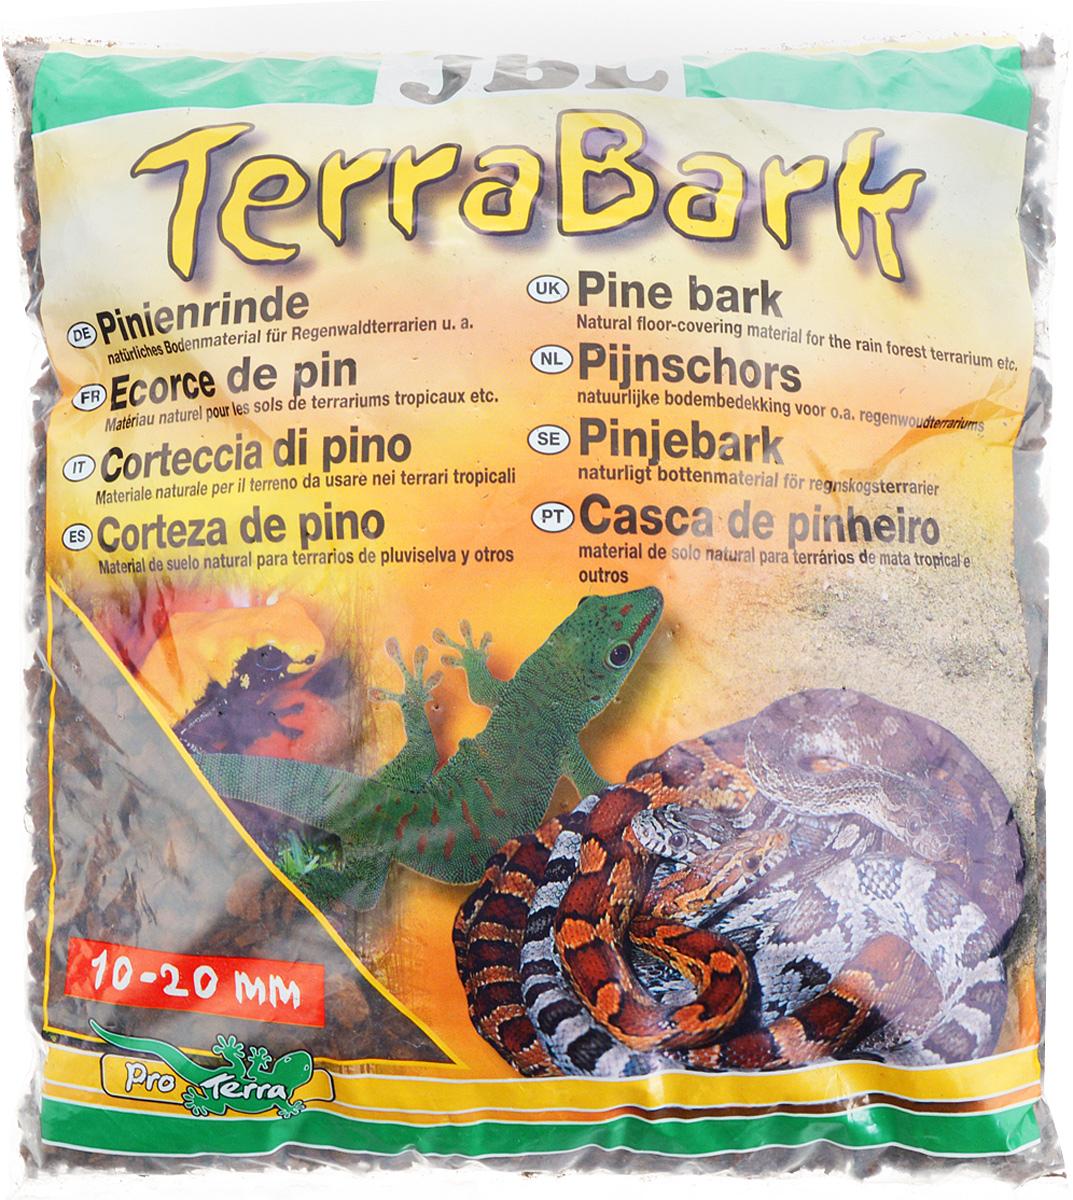 Грунт для террариума JBL TerraBark, из коры пинии, 10-20 мм, 5 лJBL7102000Натуральный грунт JBL TerraBark предназначен специально для оформления террариумов. Изделие готово к применению. Донный субстрат подходит для влажных и полувлажных тропических террариумов. Не содержит пестицидов. Обладает свойствами регулирования влажности воздуха в террариуме. Изготовлен из коры пинии, которая ценится специалистами за высокое содержание эфирных масел, которые делают субстрат непроницаемым для микроорганизмов и устойчивым к грибкам. Грунт JBL TerraBark порадует начинающих любителей природы и самых придирчивых дизайнеров, стремящихся к созданию нового, оригинального. Такая декорация придутся по вкусу и обитателям террариумов, которые ещё больше приблизятся к природной среде обитания. Фракция: 10-20 мм. Объем: 5 л.